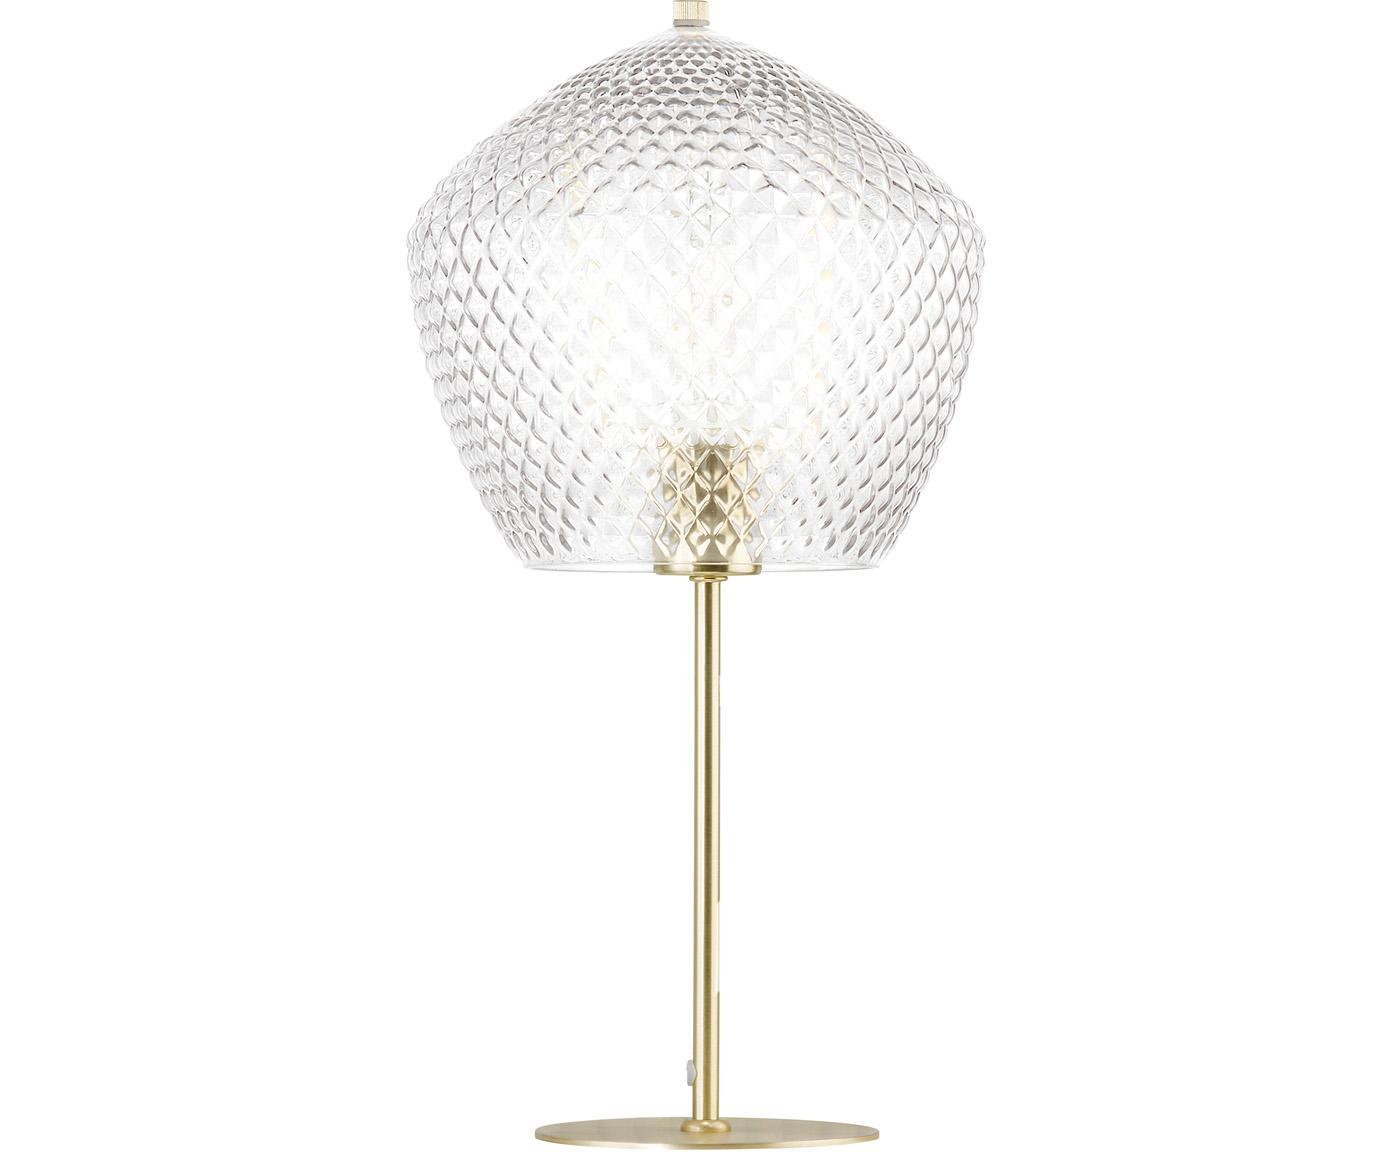 Lampa stołowa ze szklanym kloszem Beatrice, Złoty, transparentny, Ø 23  x W 47 cm